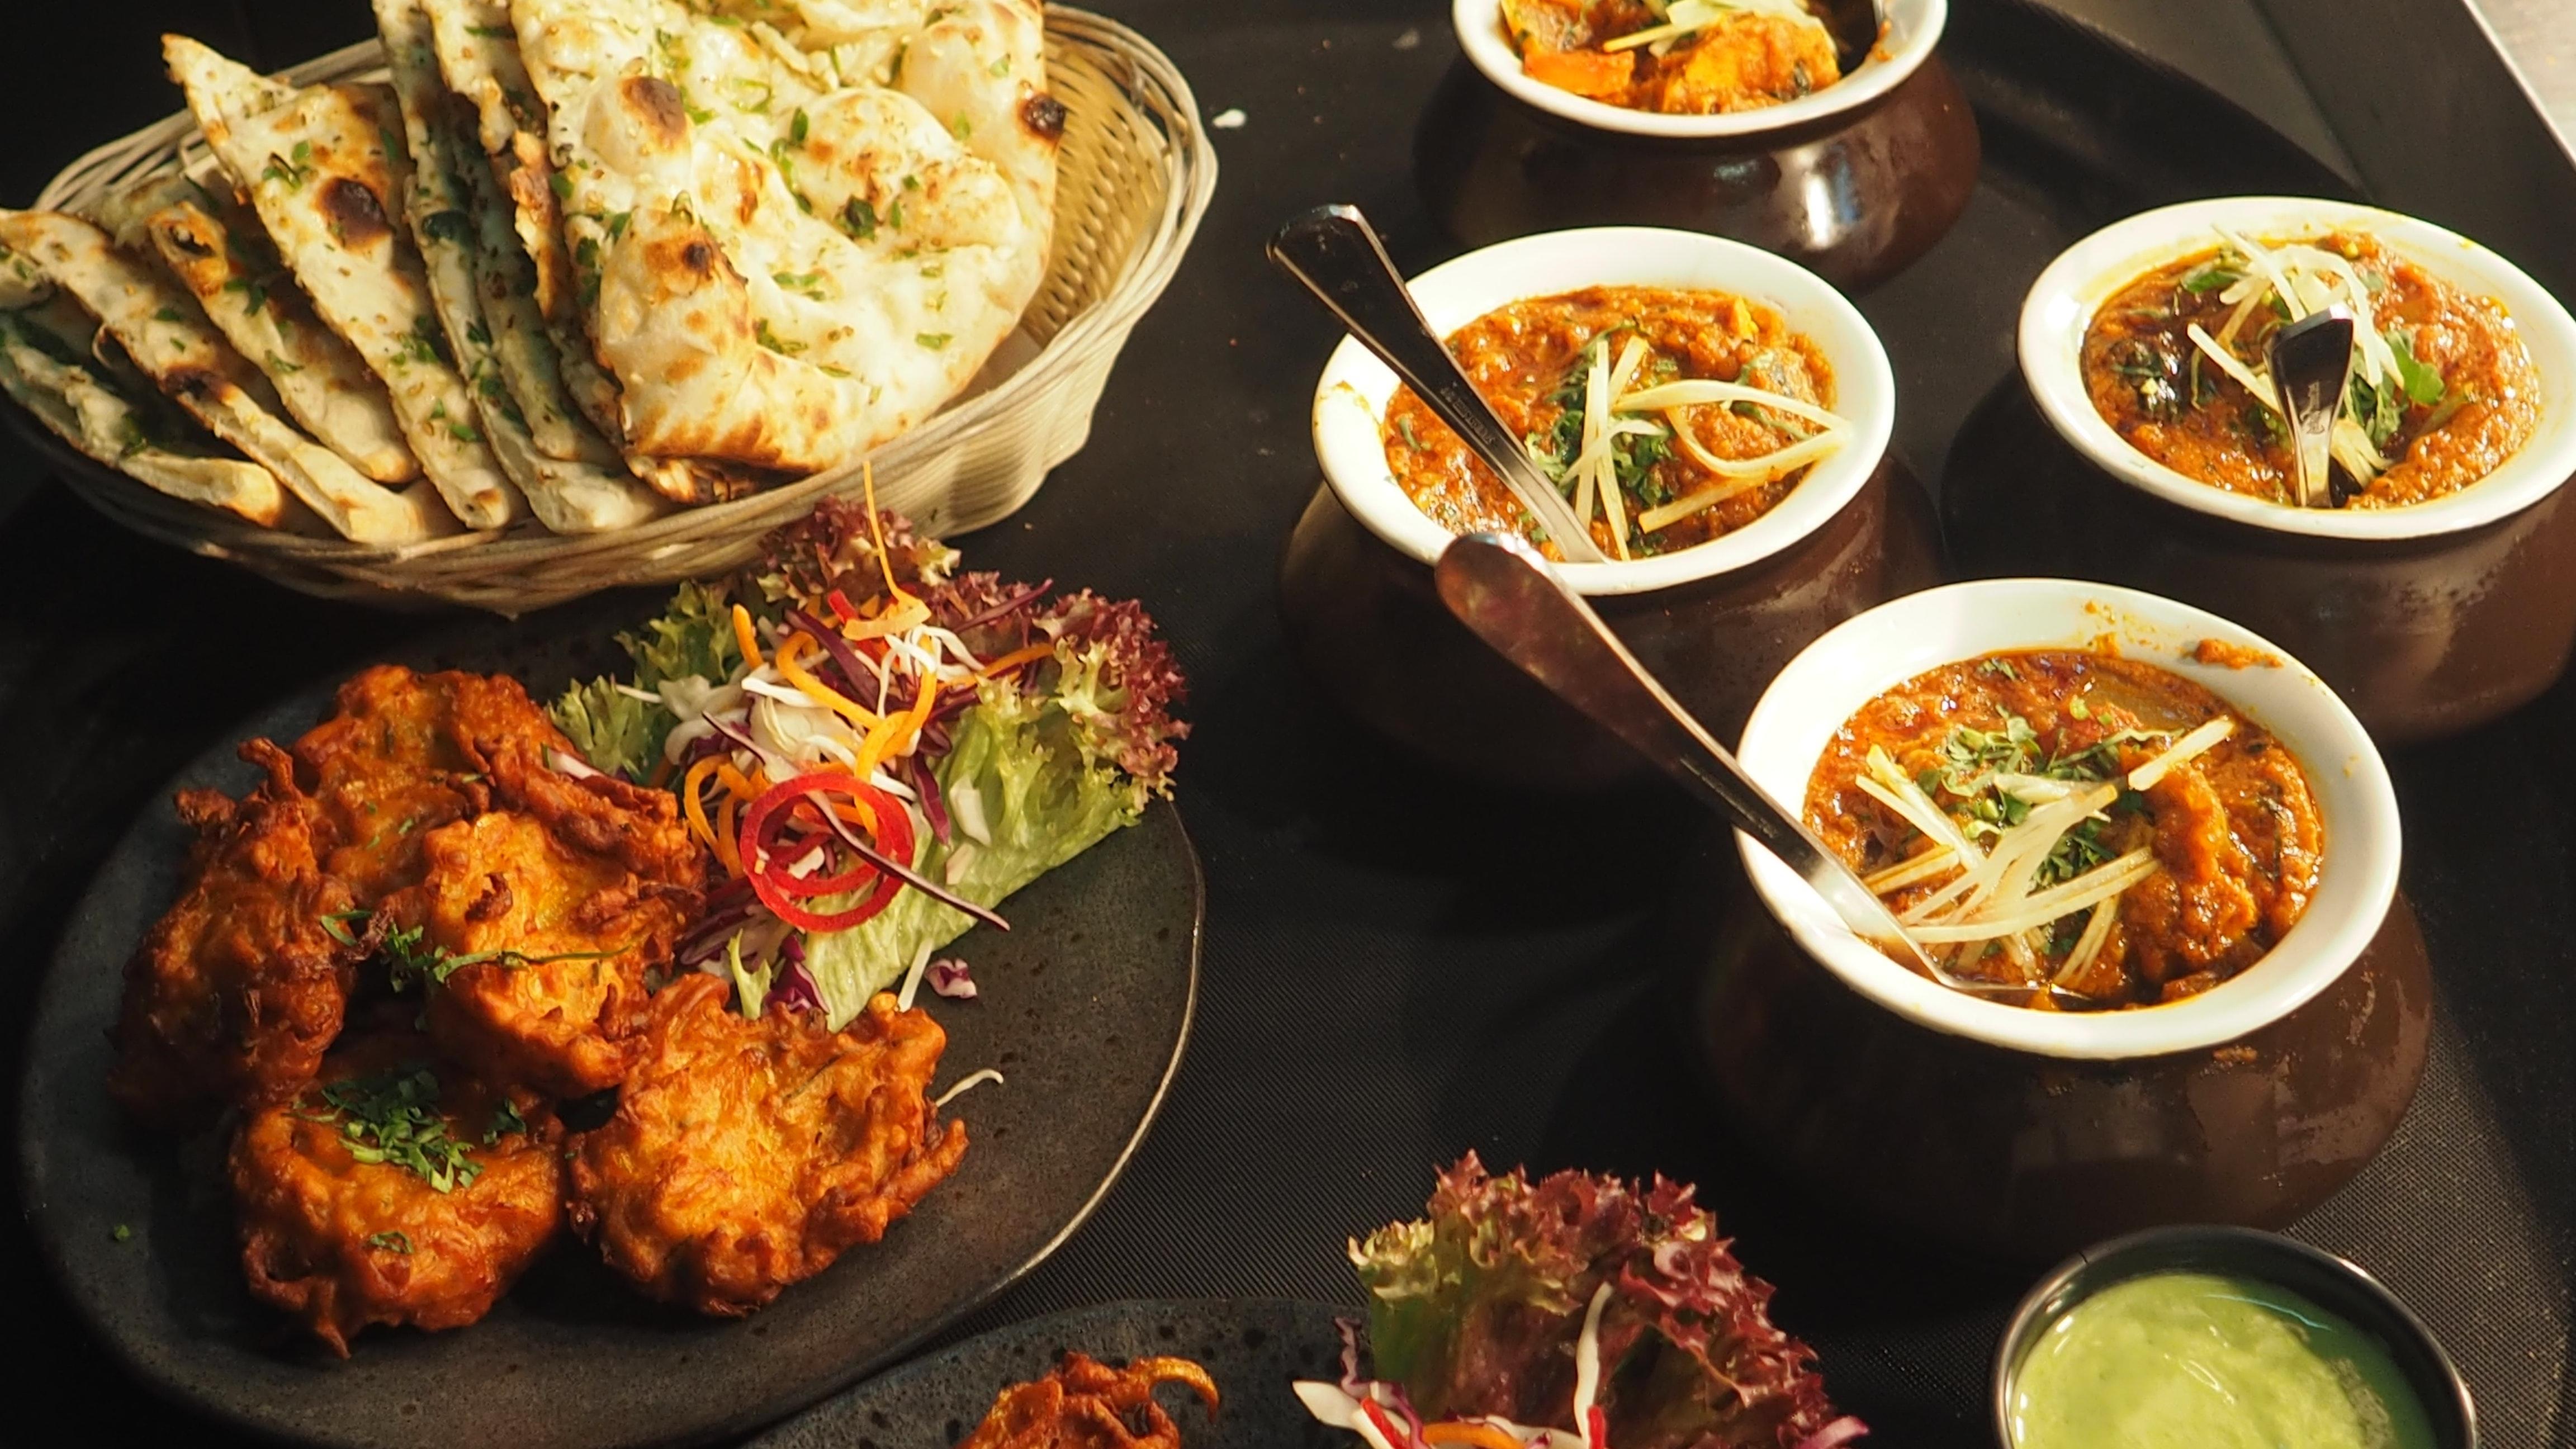 ホーチミンでおすすめのインドカレー店は?|ドンコイ通りや7区にあるレストランも紹介,ベトナム,ホーチミン,インド料理,インドカレー